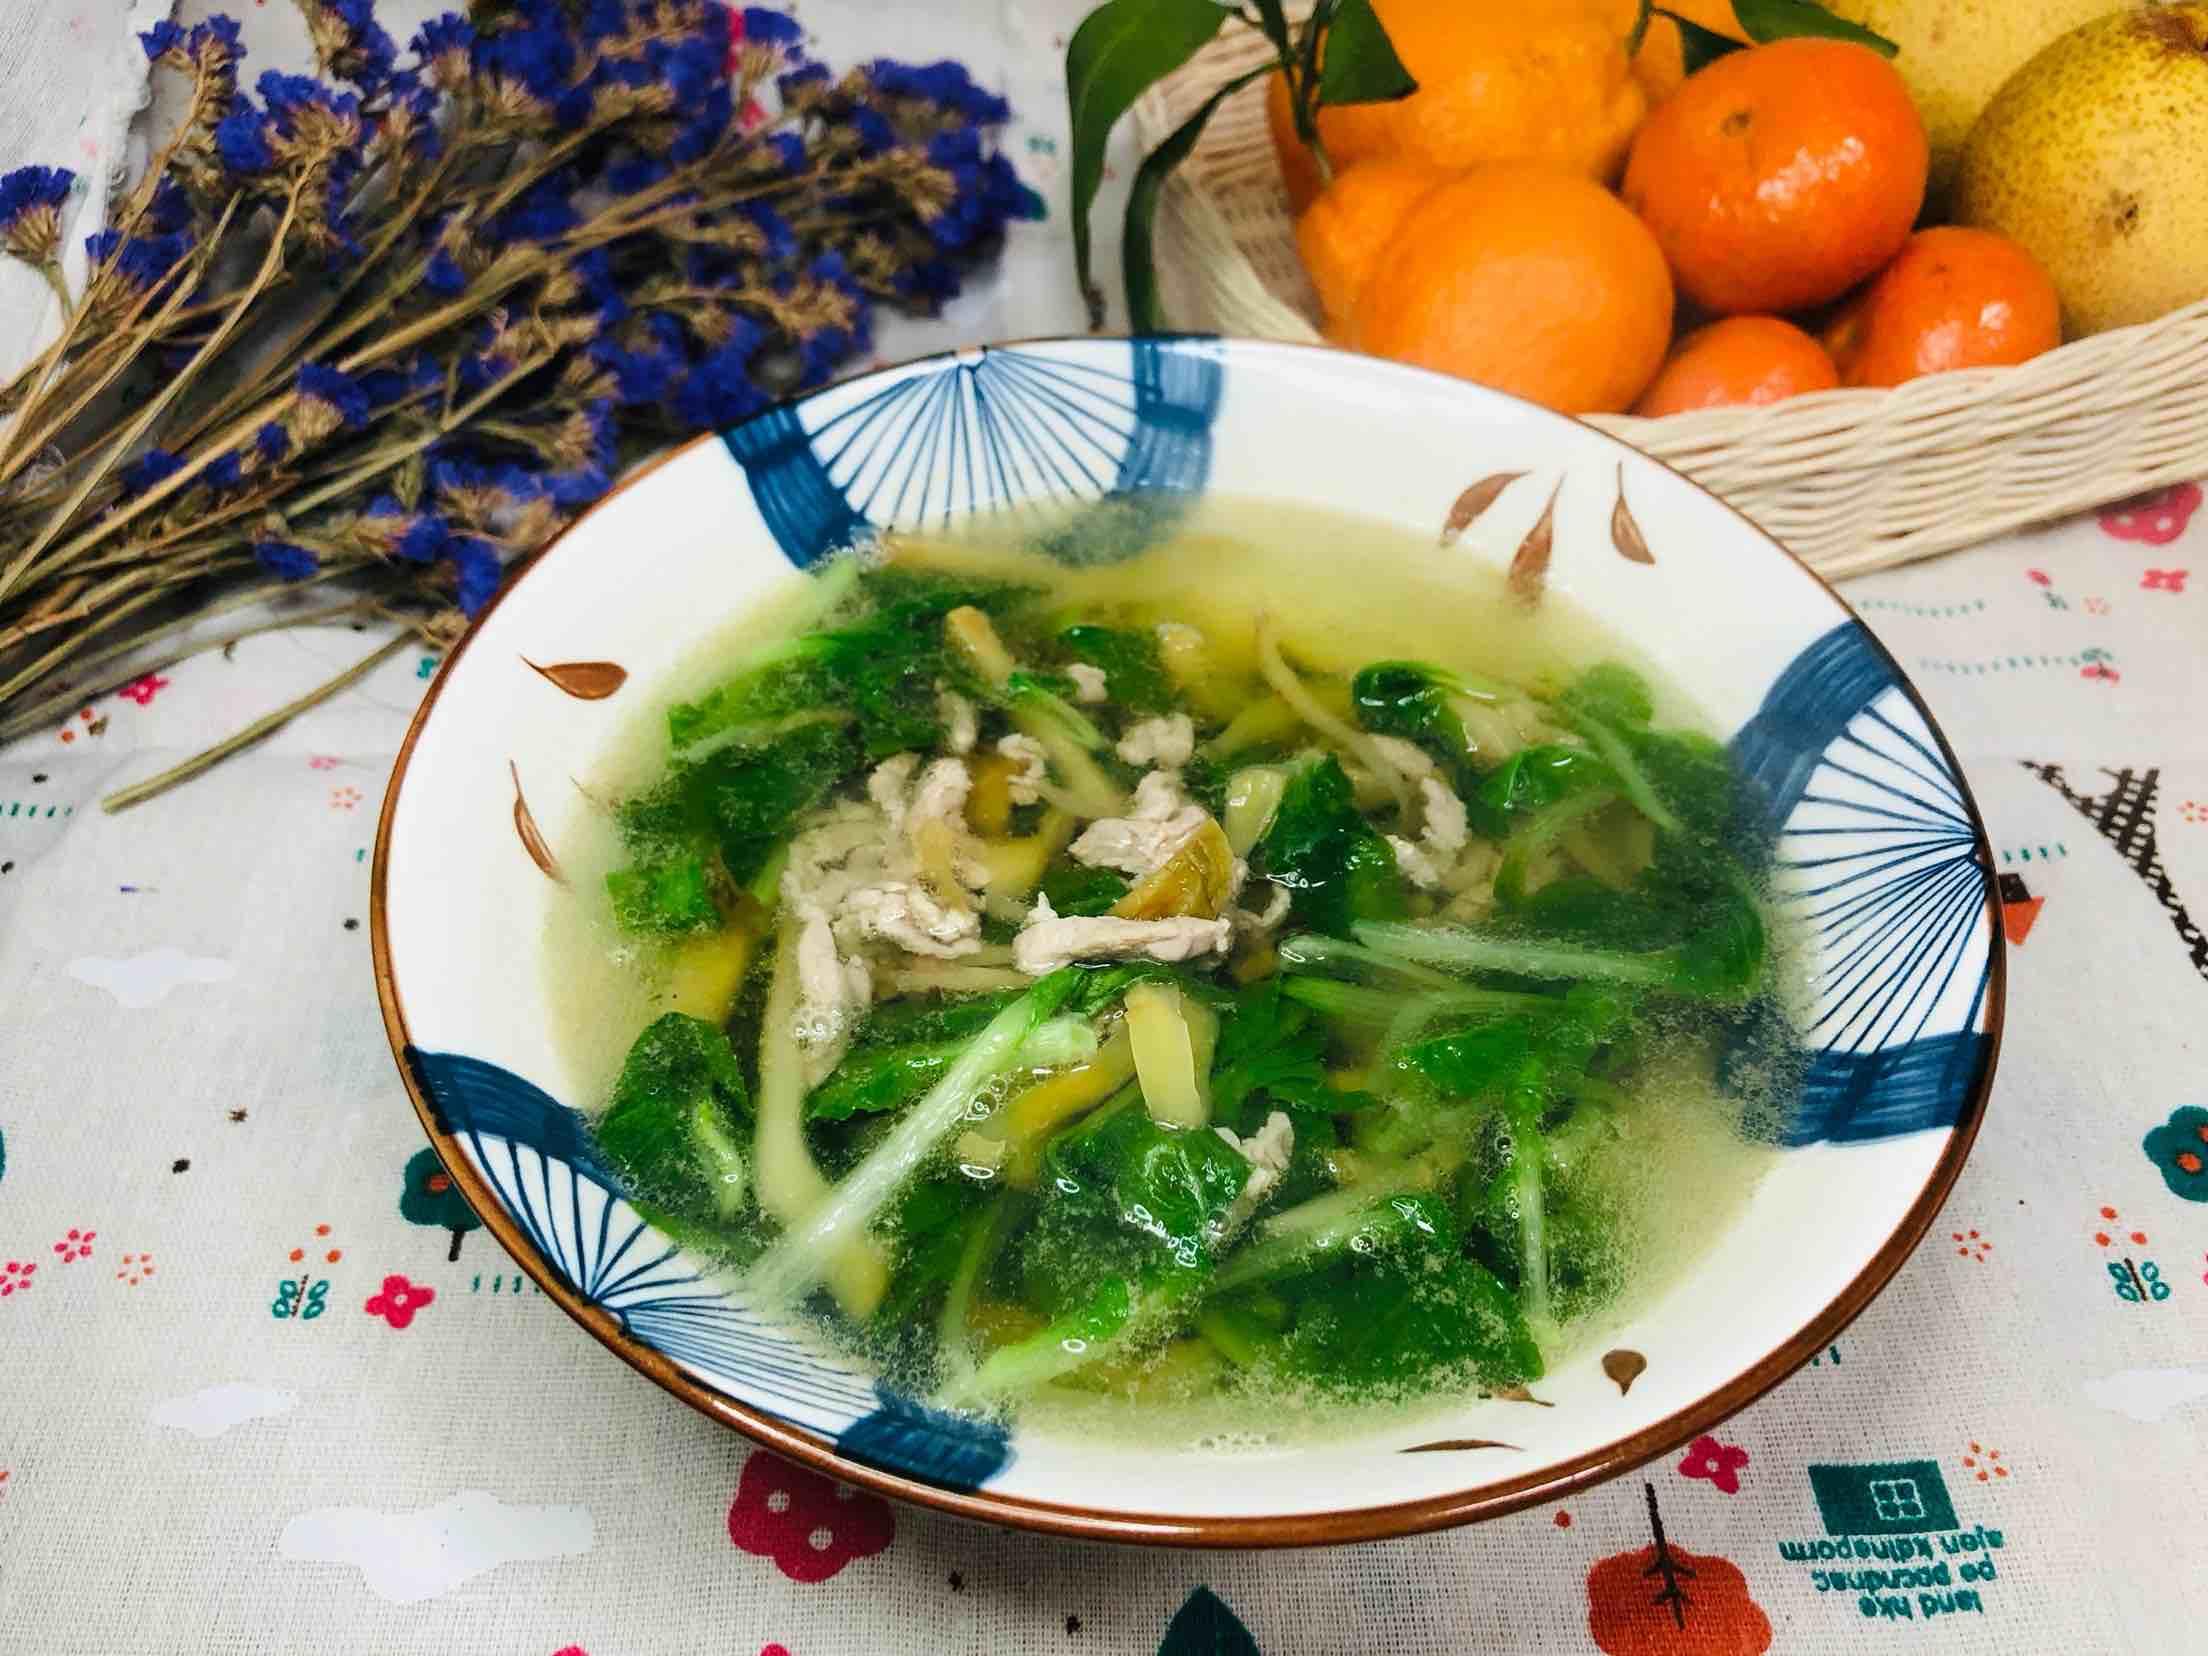 青菜榨菜肉丝汤怎么炒